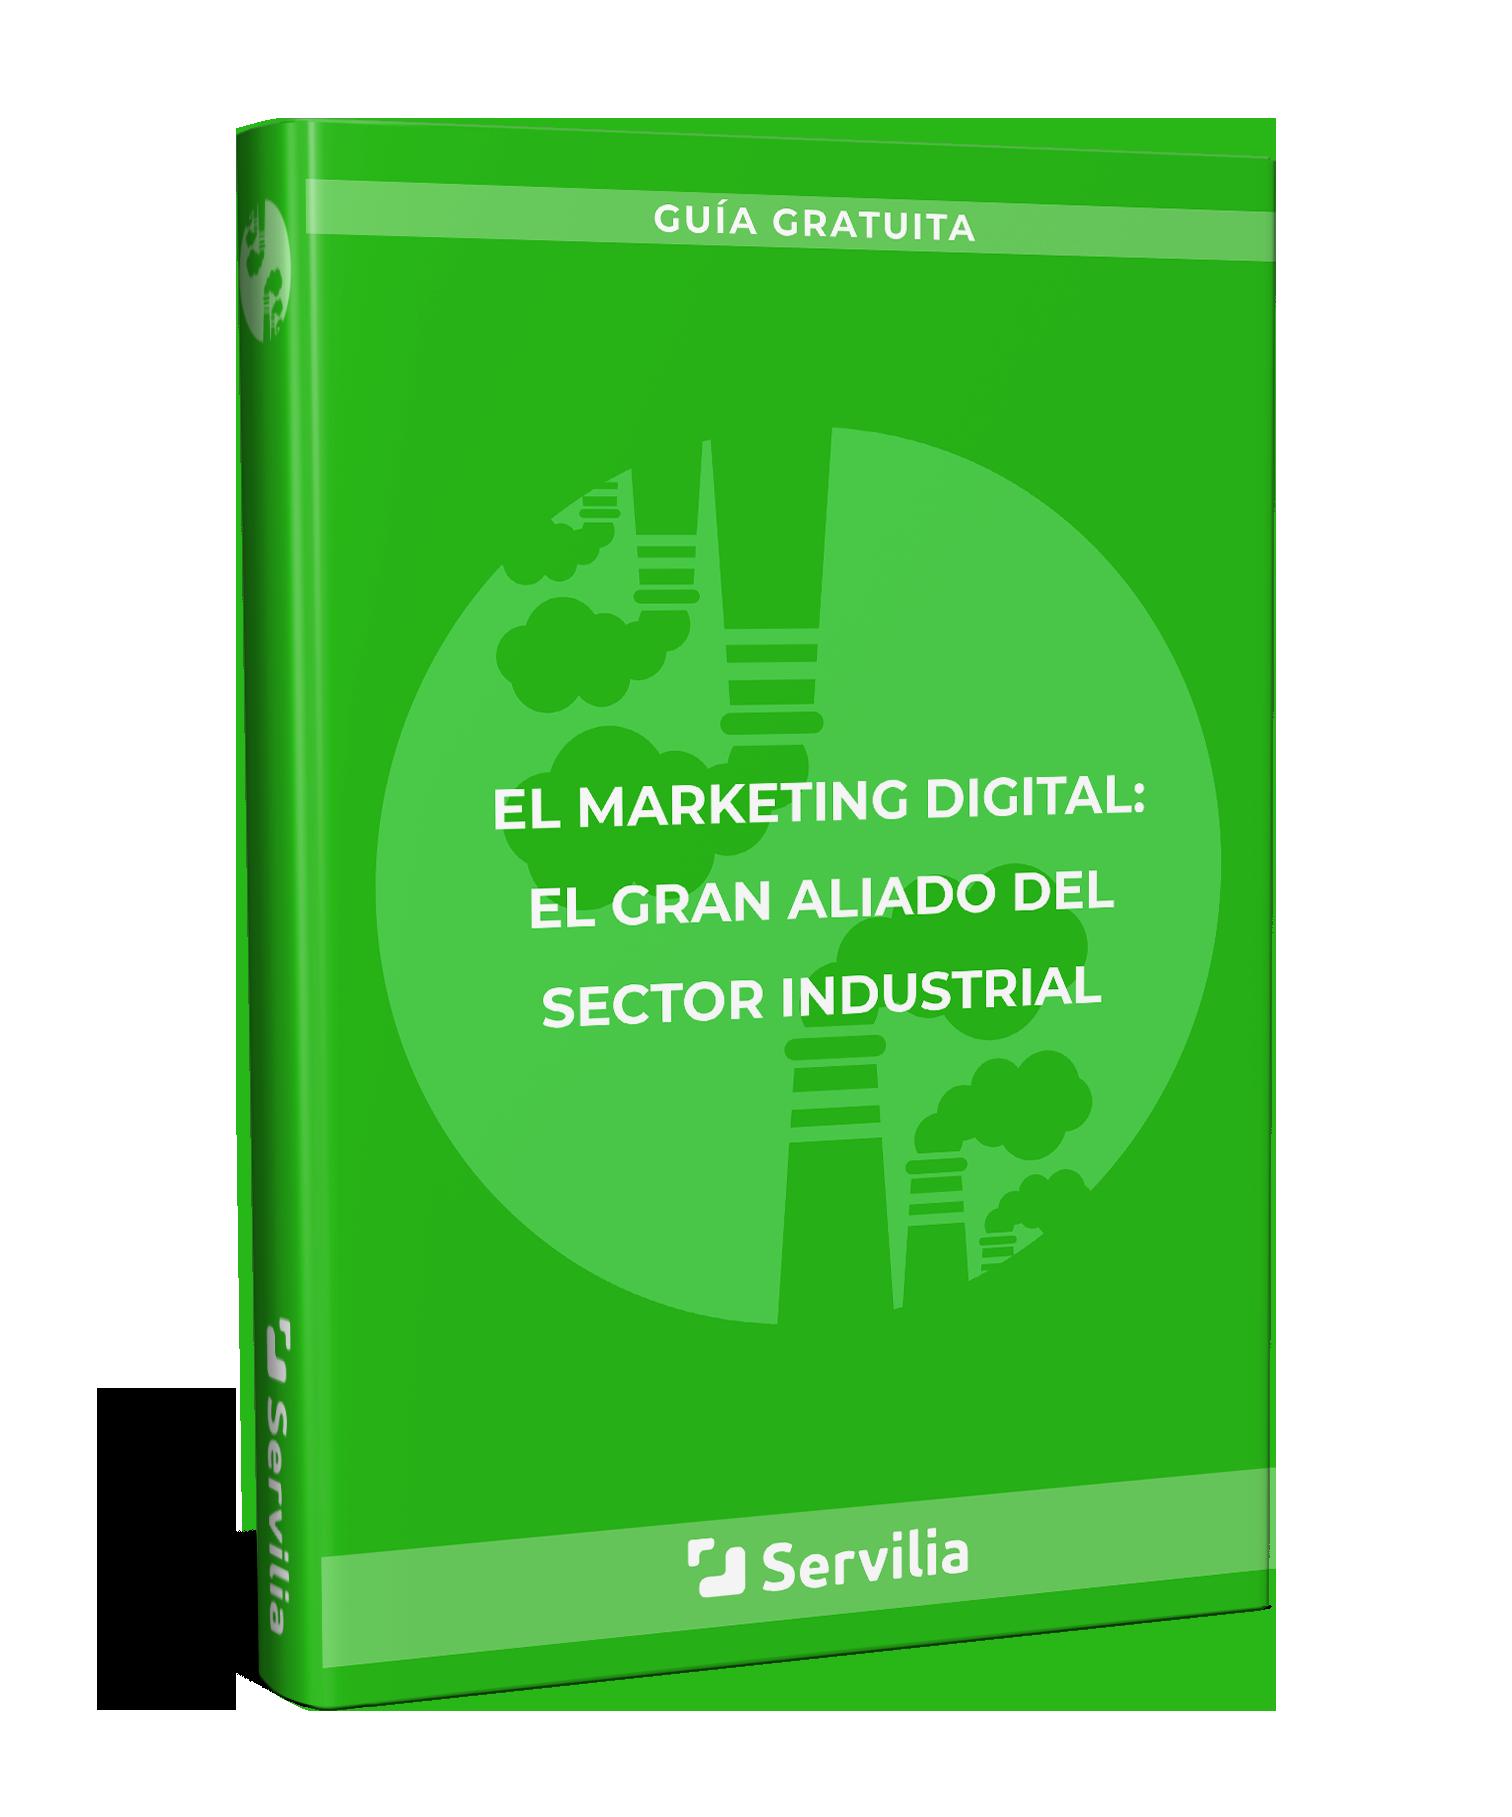 Ebook gratuito: El marketing digital, el gran aliado del sector industrial